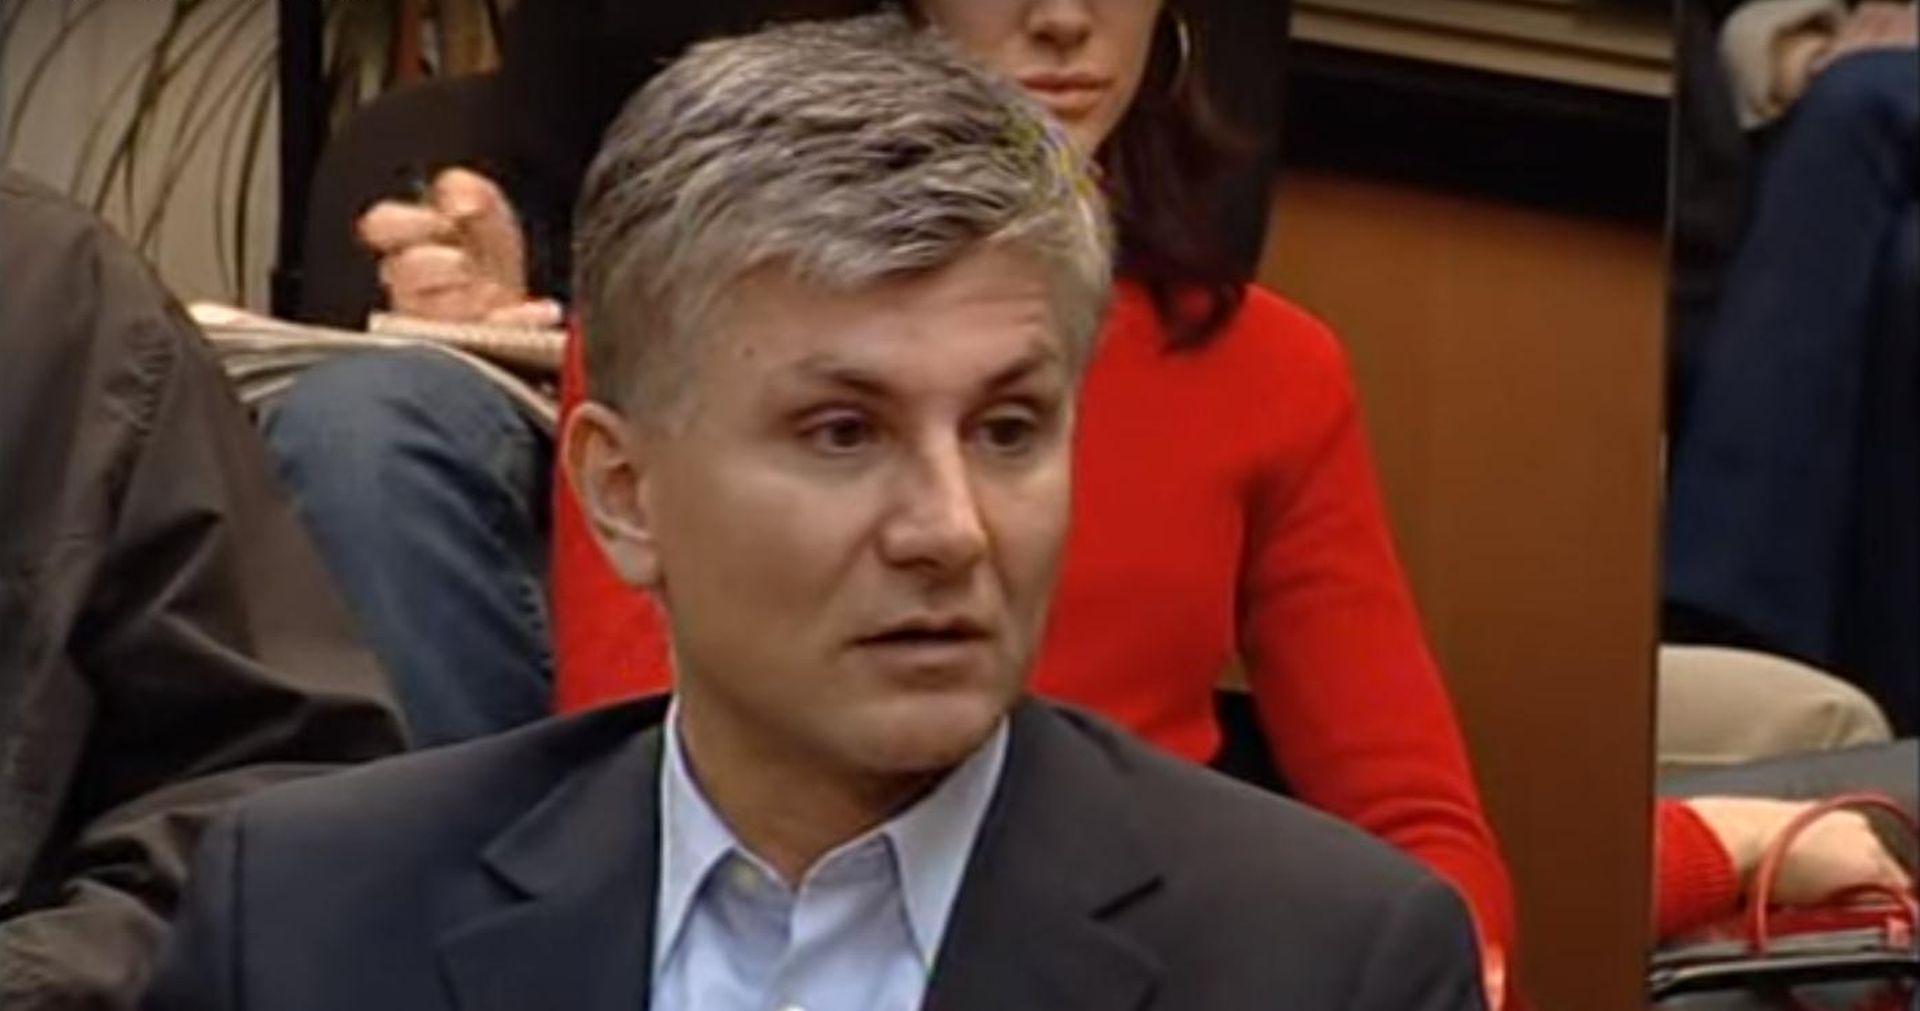 Srbija obilježava obljetnicu ubojstva premijera Zorana Đinđića